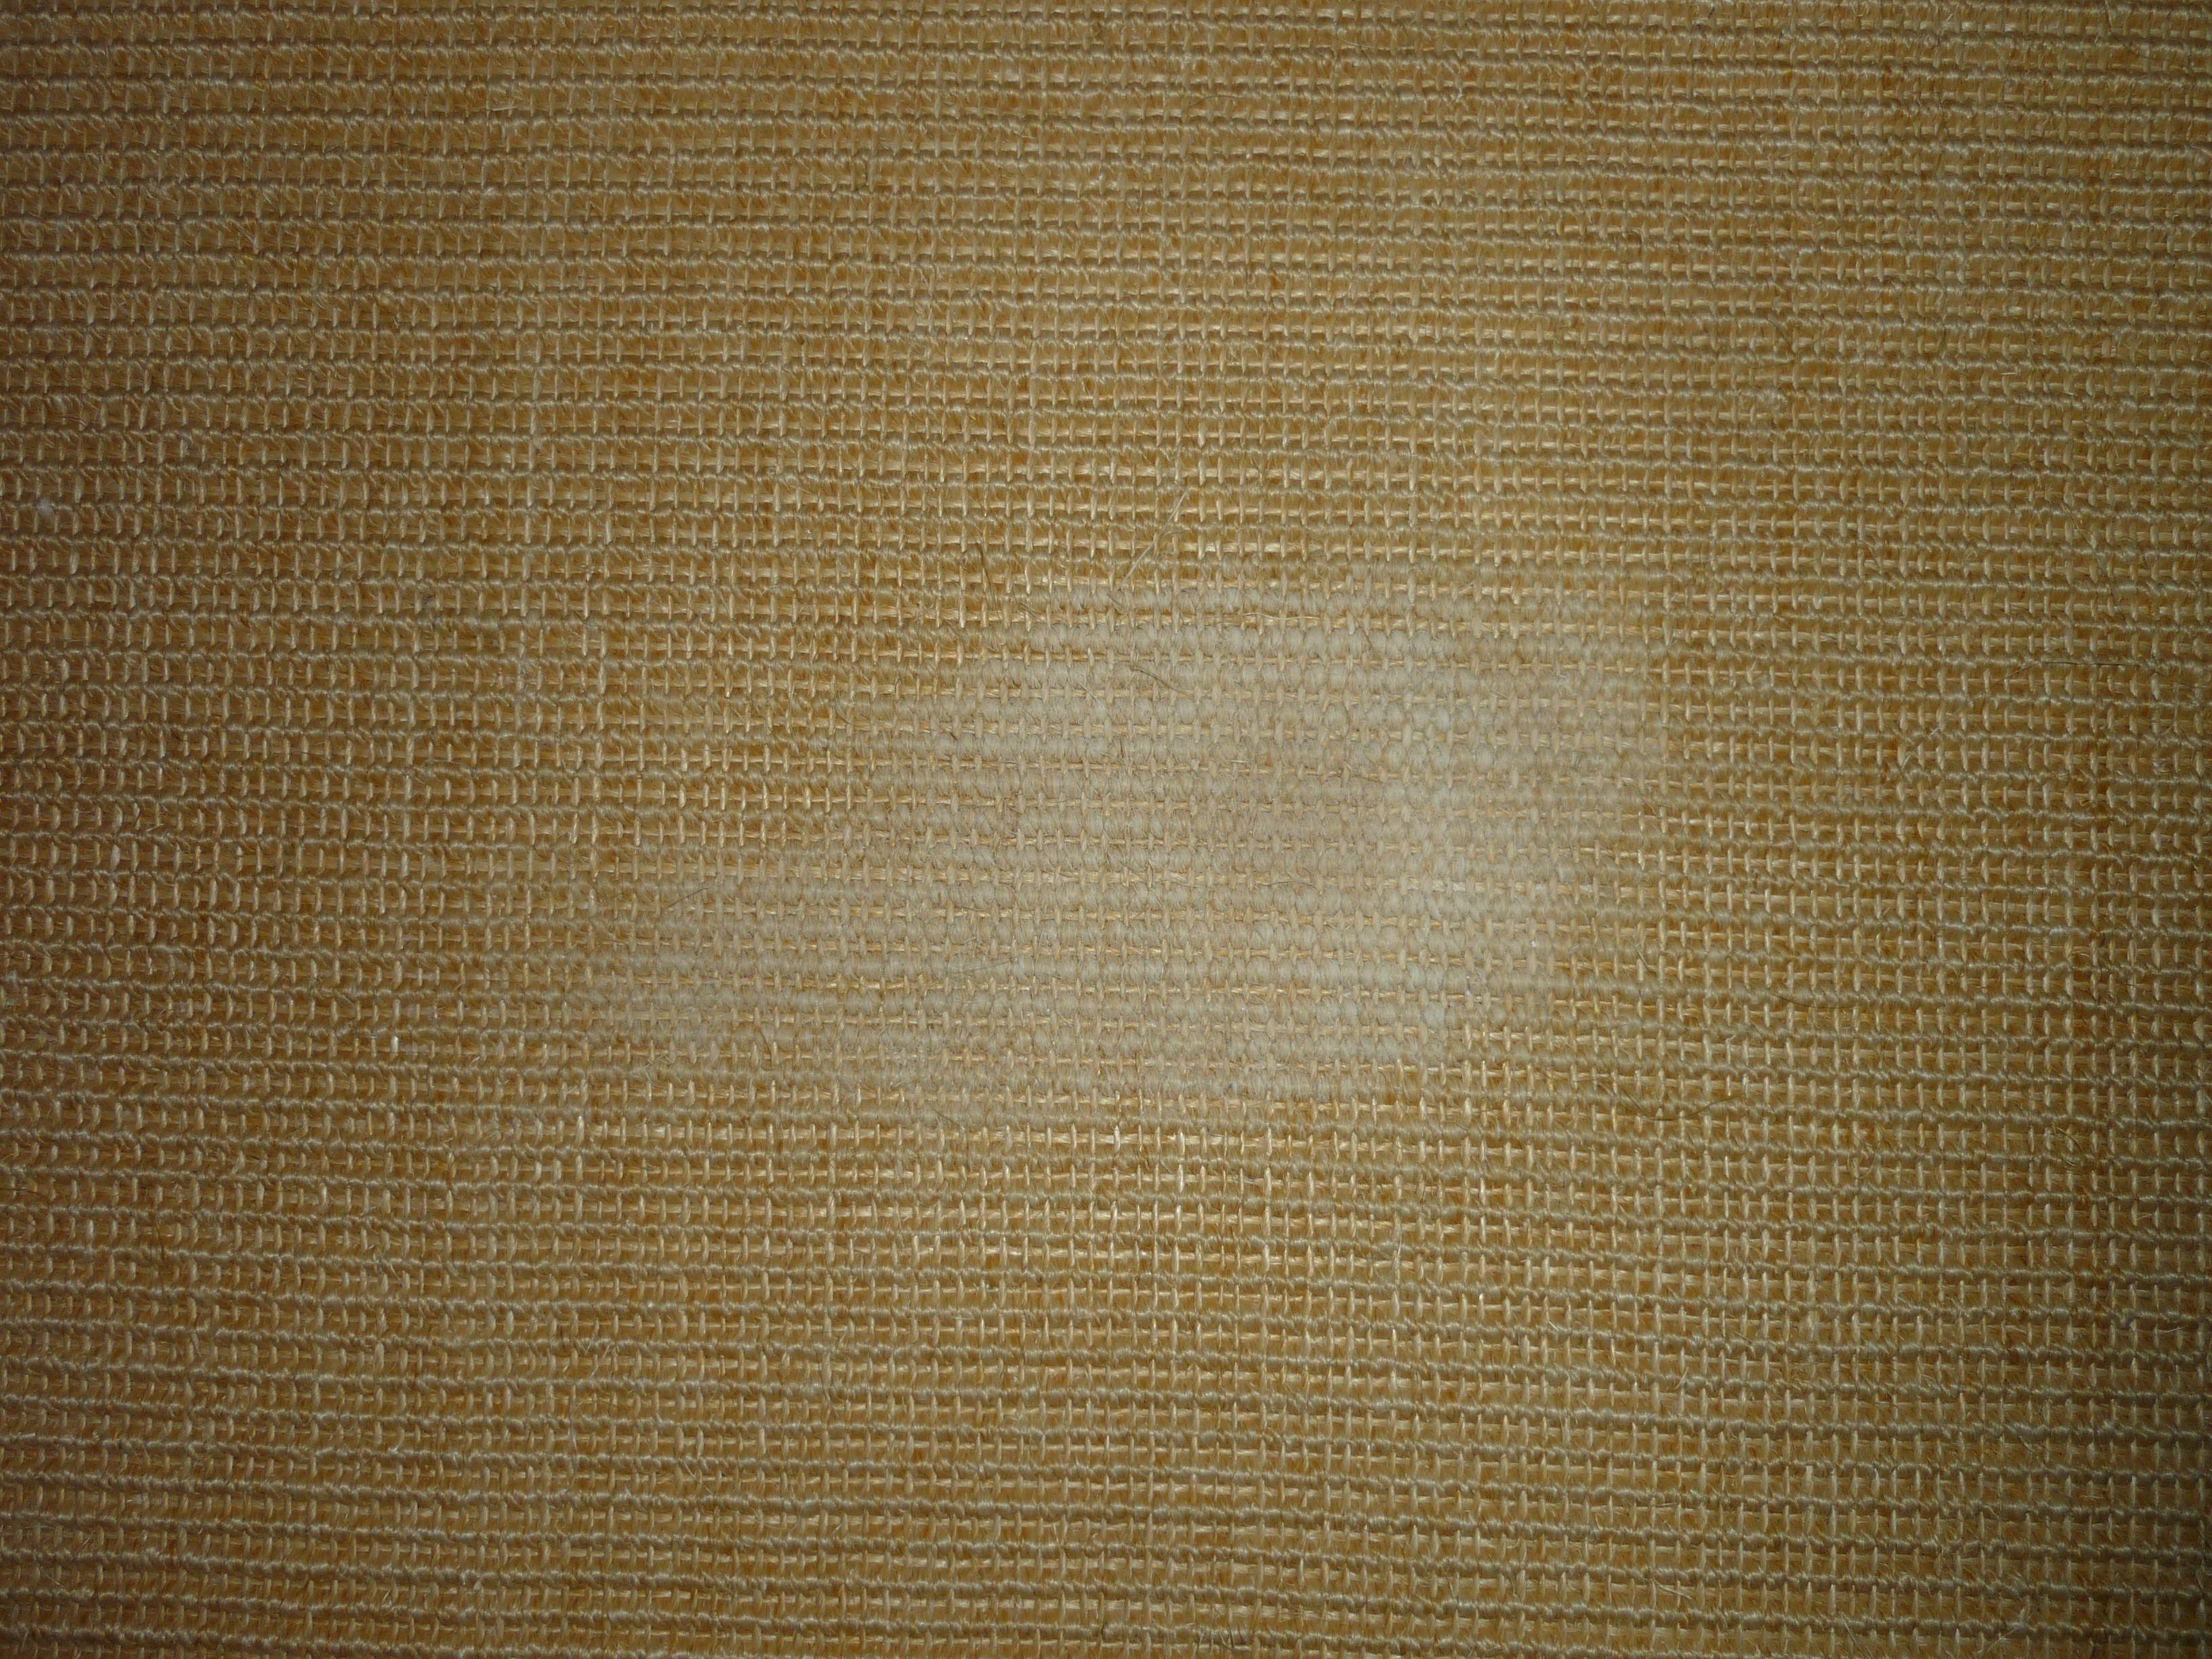 wie kann ich den fleck aus dem sisalteppich entfernen katzen hygiene reinigung. Black Bedroom Furniture Sets. Home Design Ideas